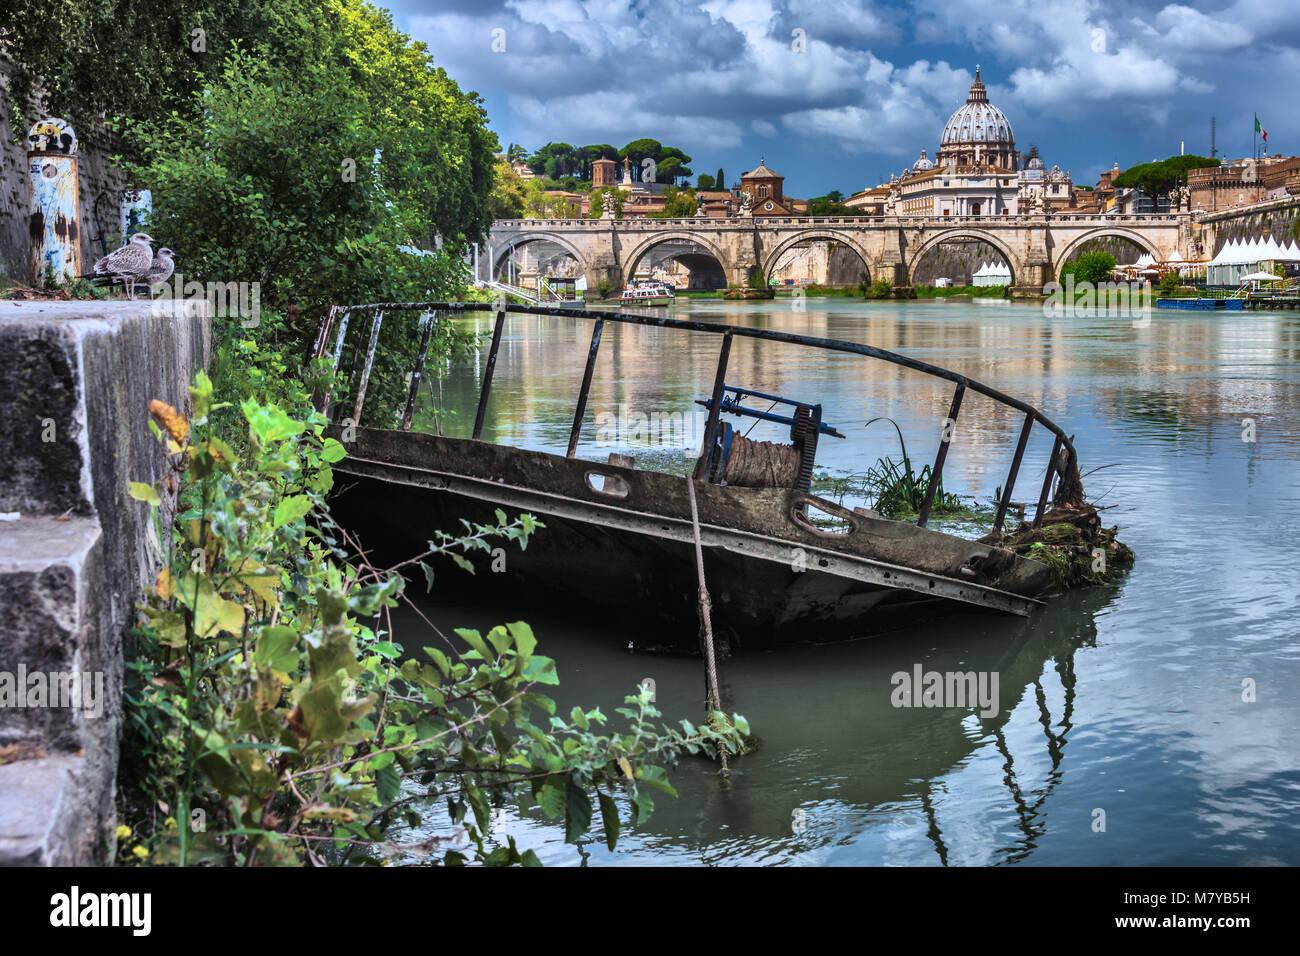 Schiffswrack am Tiber mit Blick auf Vatikanstaat - Stock Image